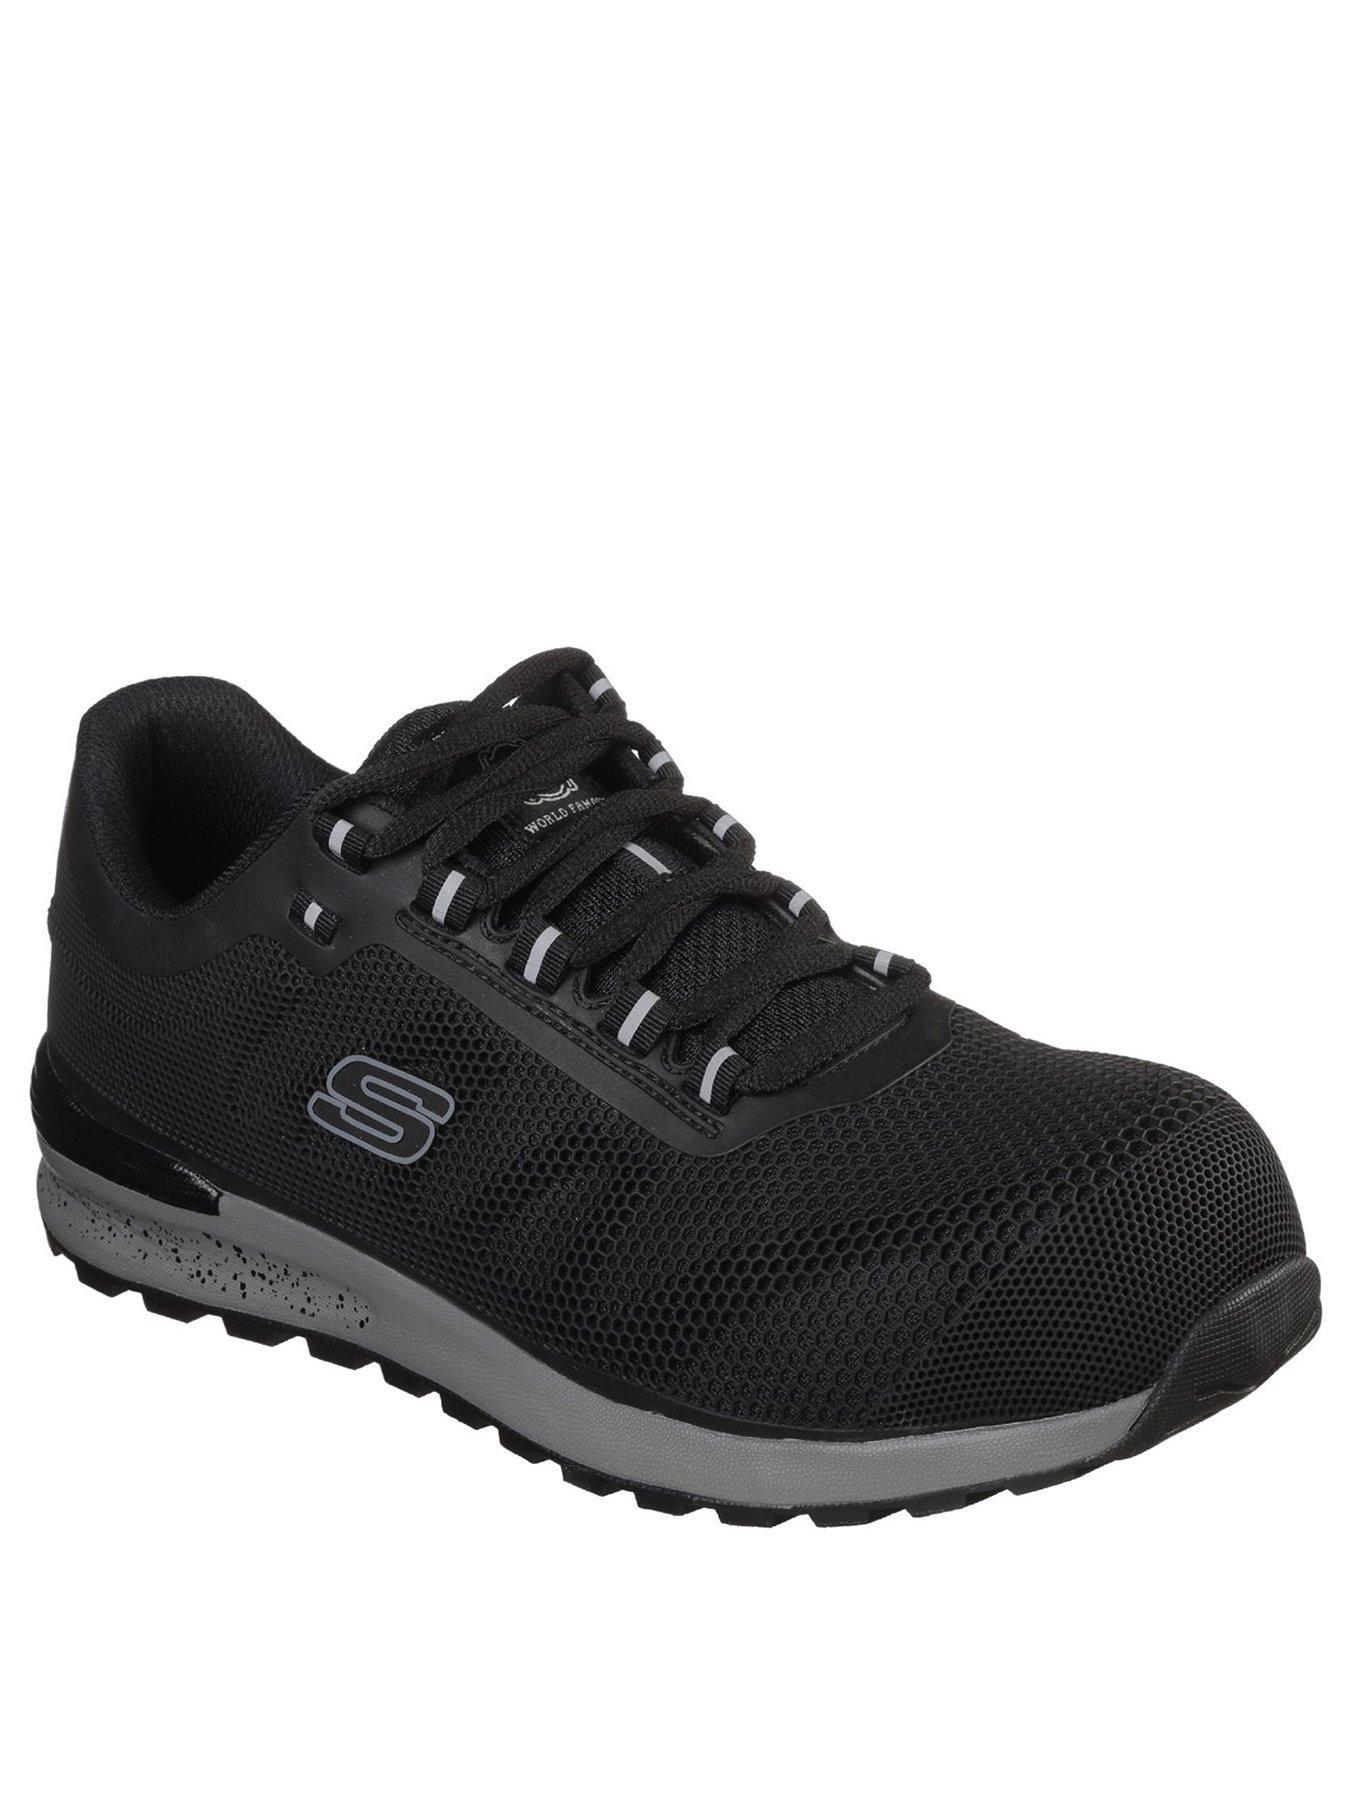 Black | Skechers | Trainers | Men | www